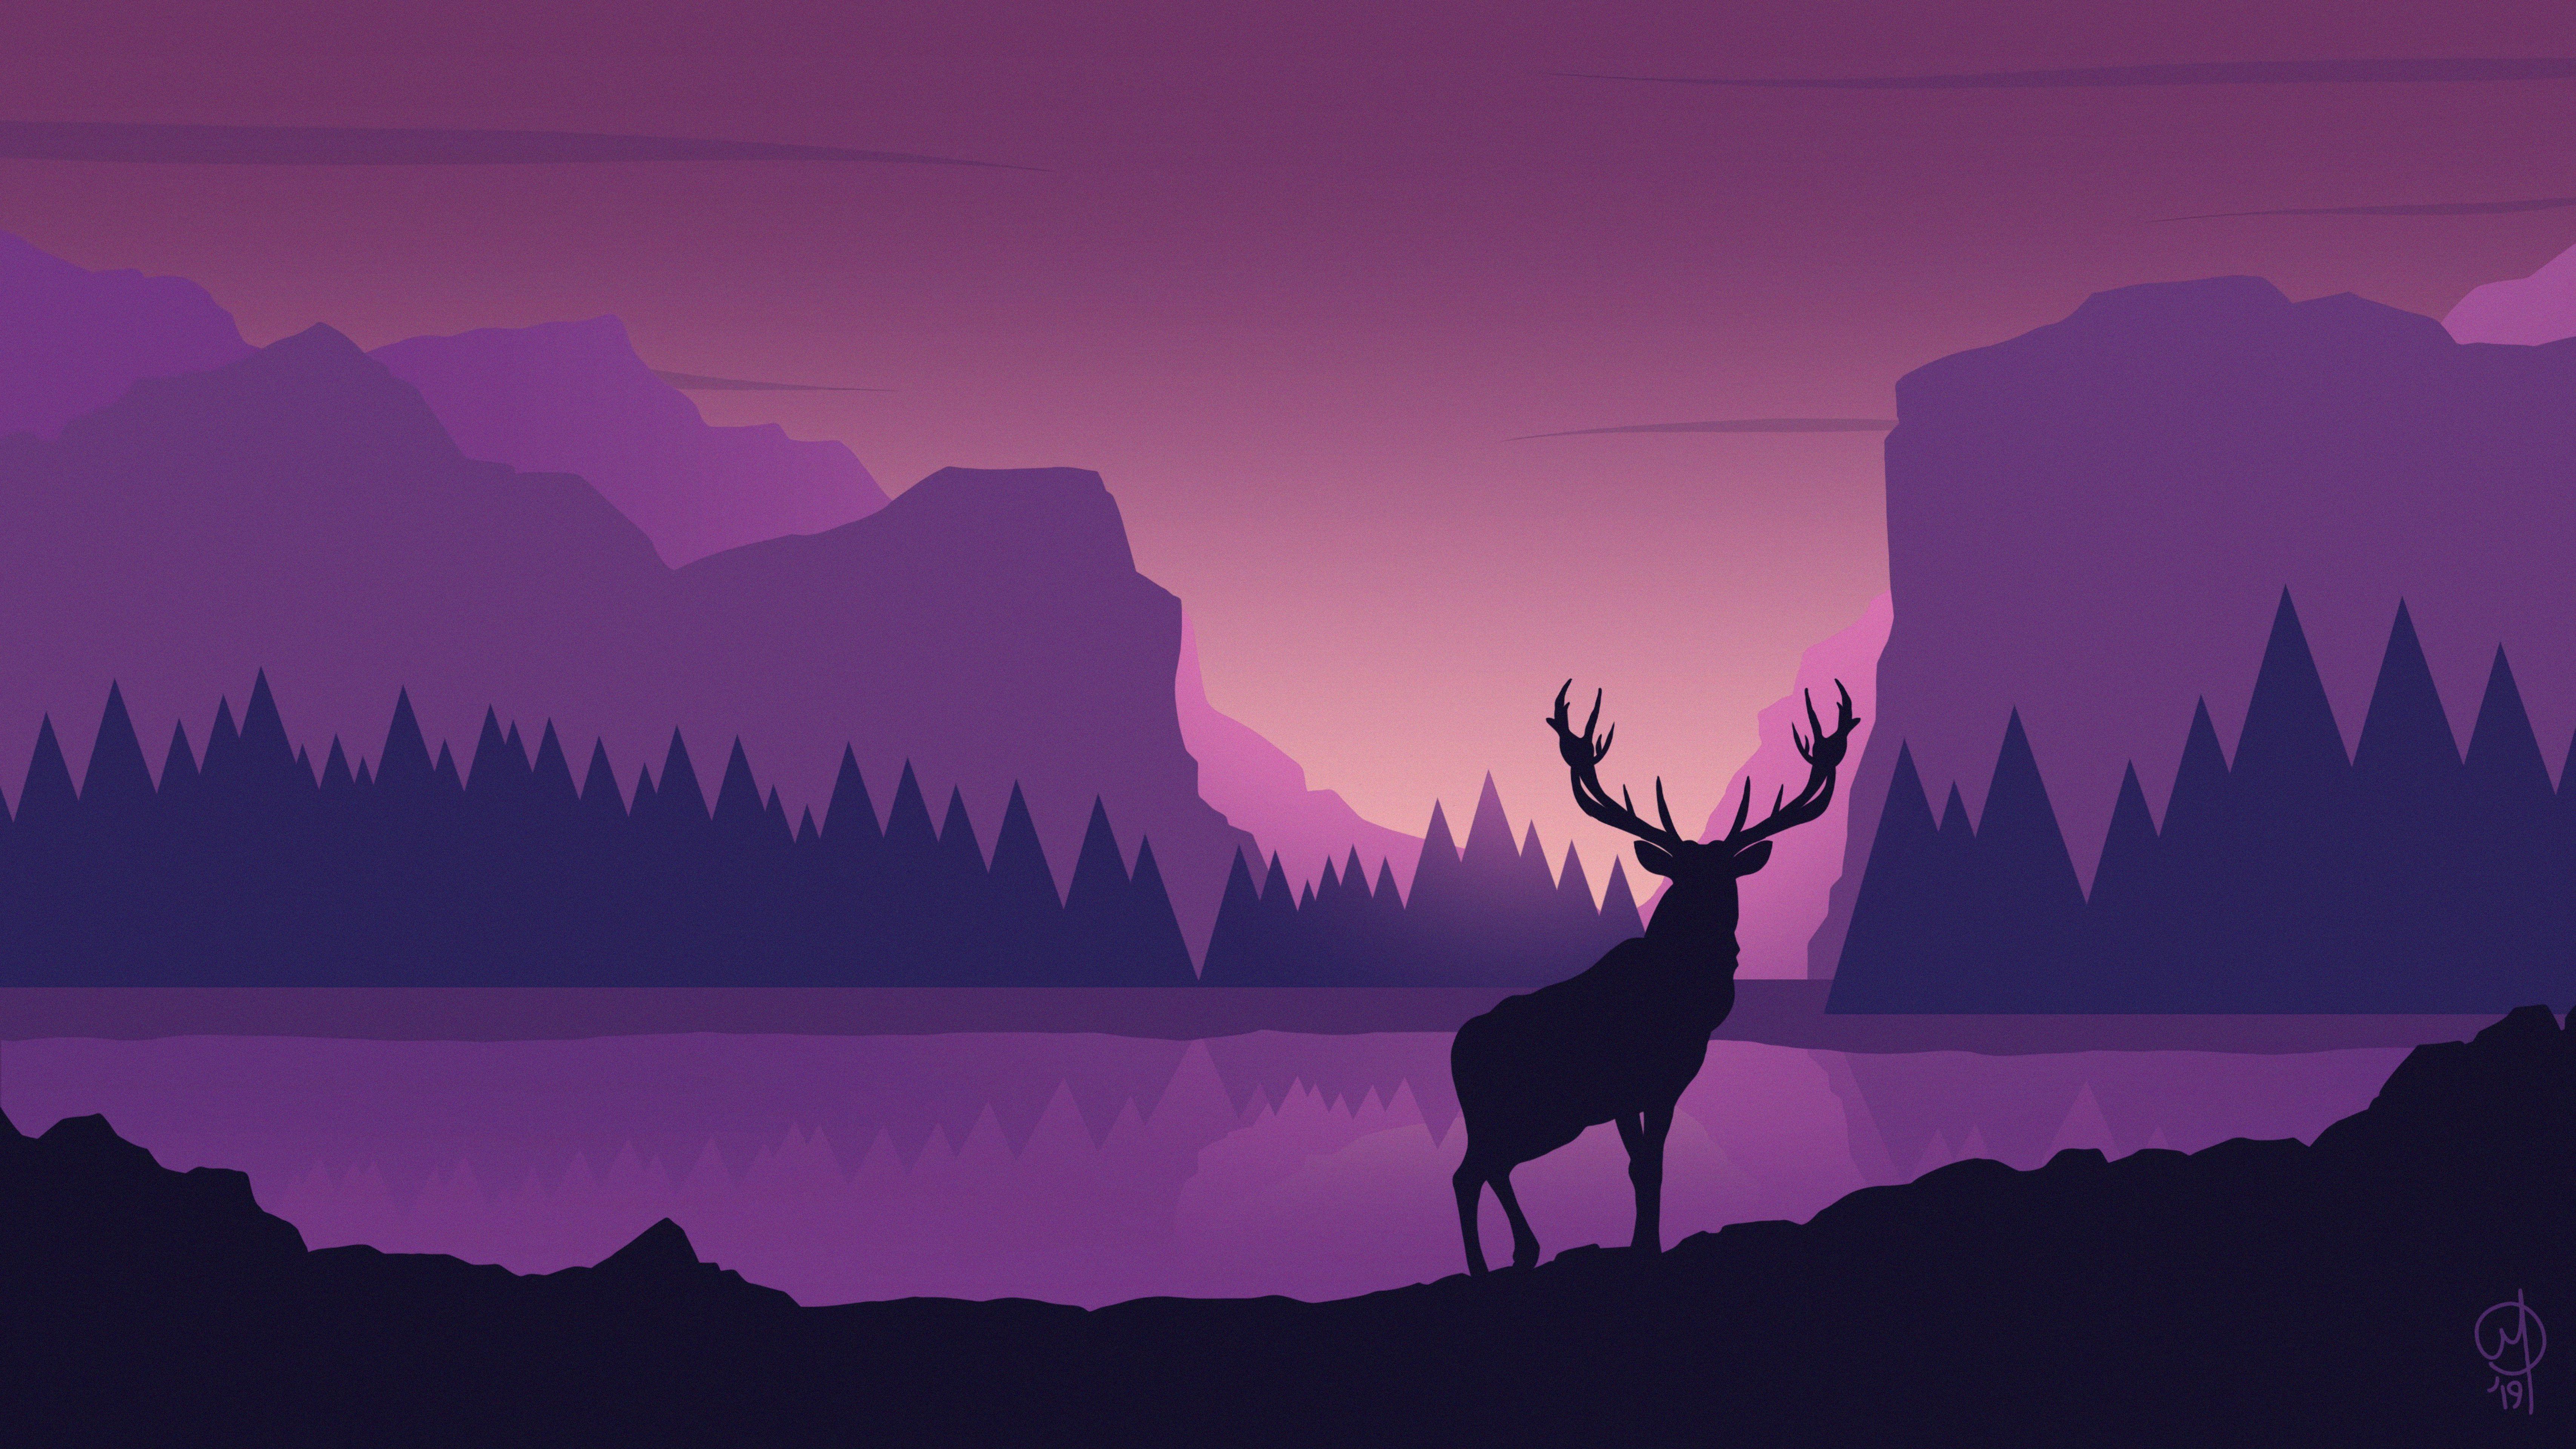 Download Wallpaper 6827x3840 Deer Art Vector Mountains